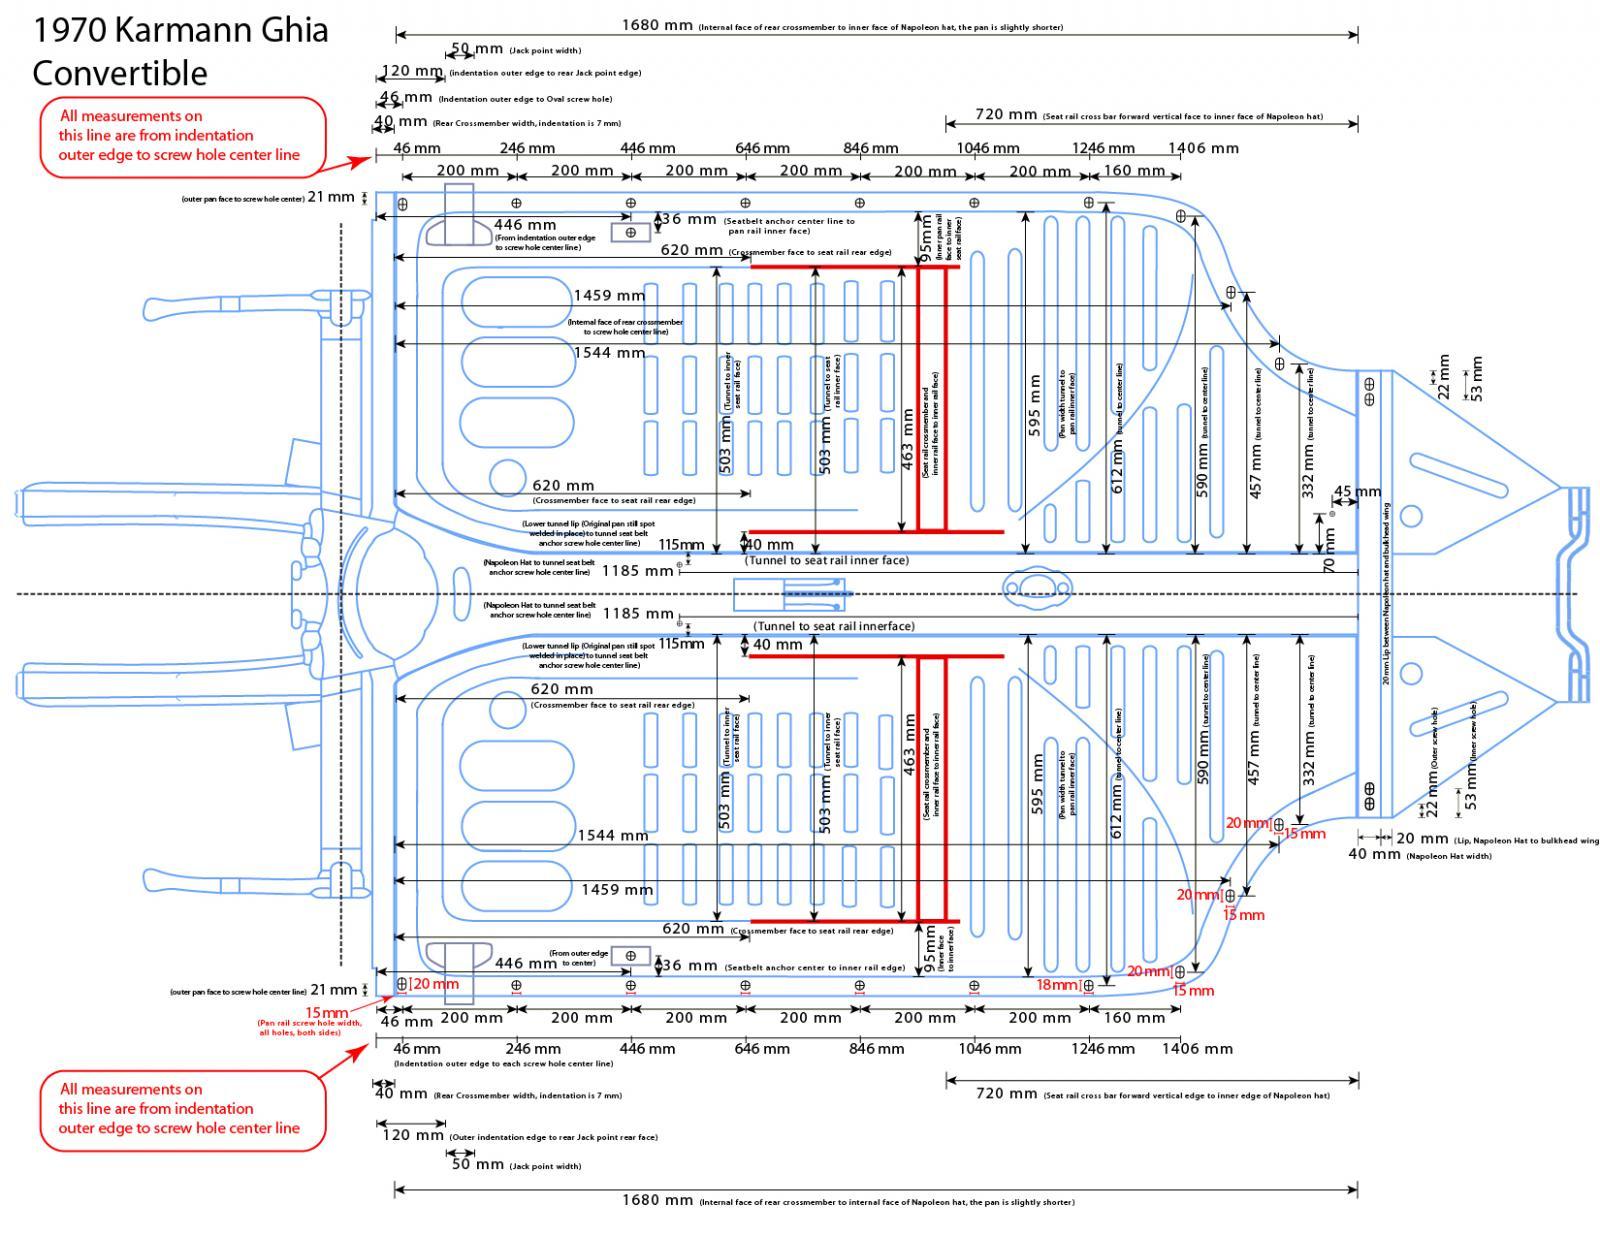 TheSamba.com :: Ghia - View topic - Karmann Ghia floor pan and ...